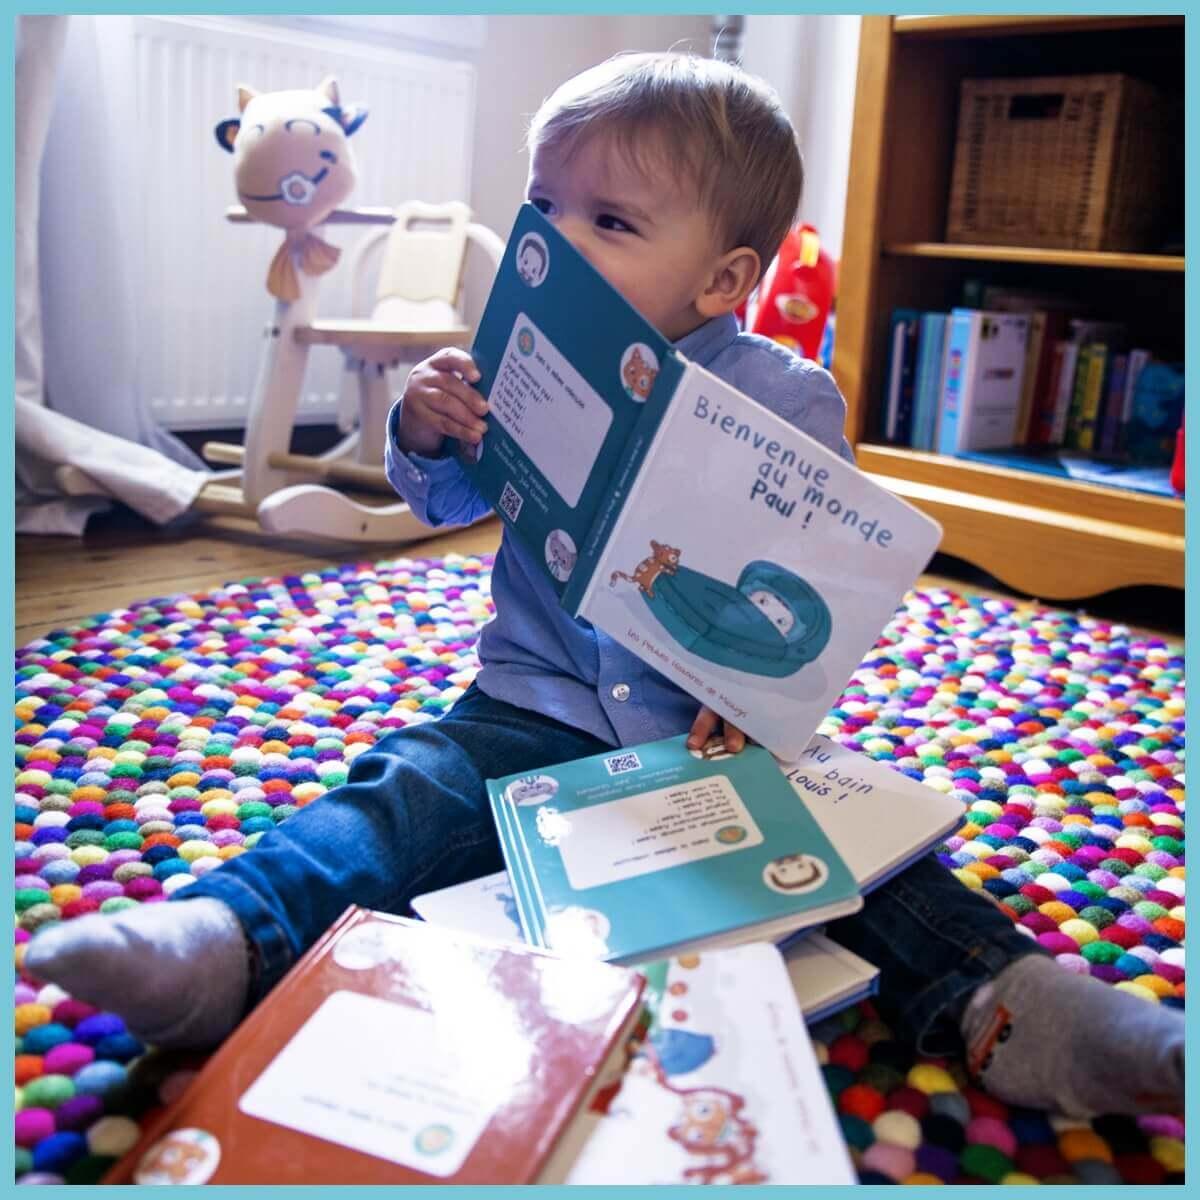 Bienvenue Au Monde Livre Personnalise Pour Bebe